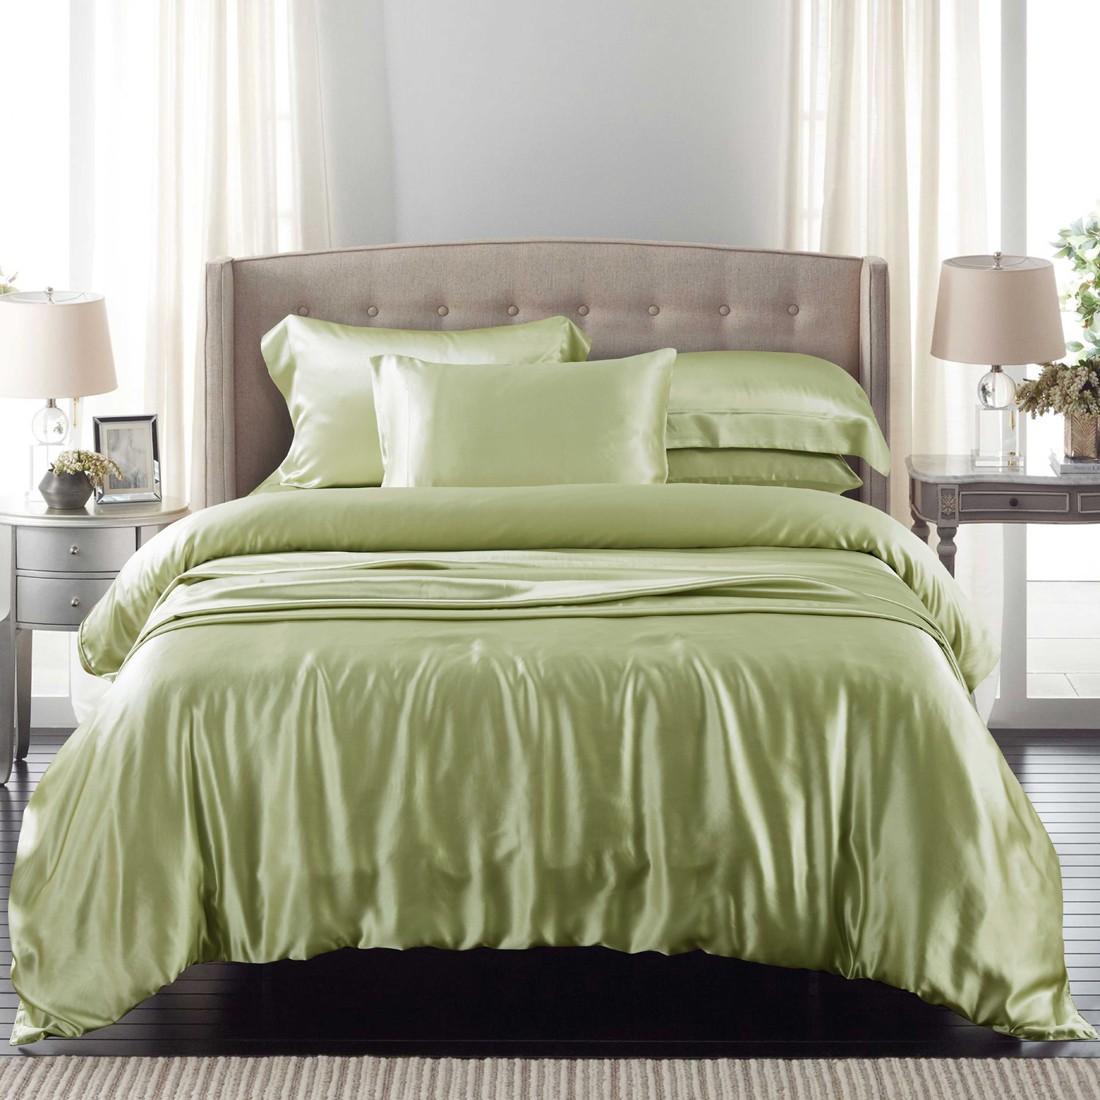 Шелковое постельное белье зеленого цвета